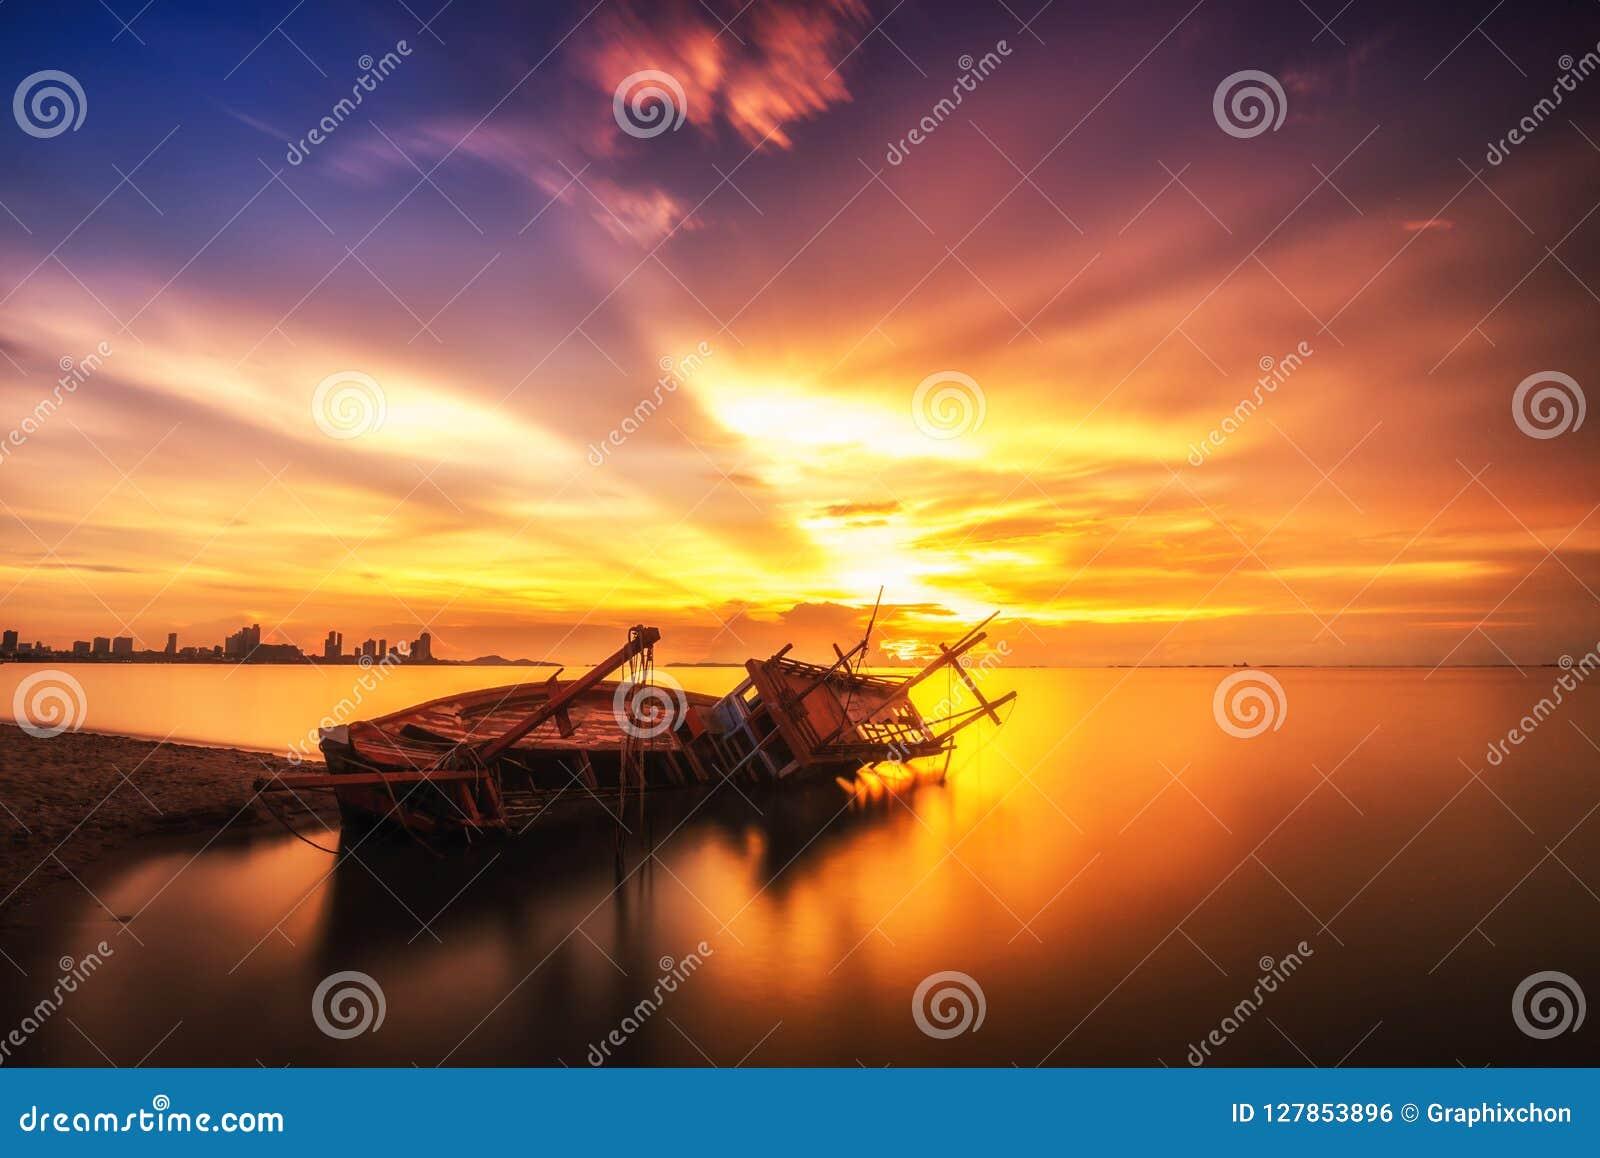 Tropischer Sonnenuntergang auf dem Strand